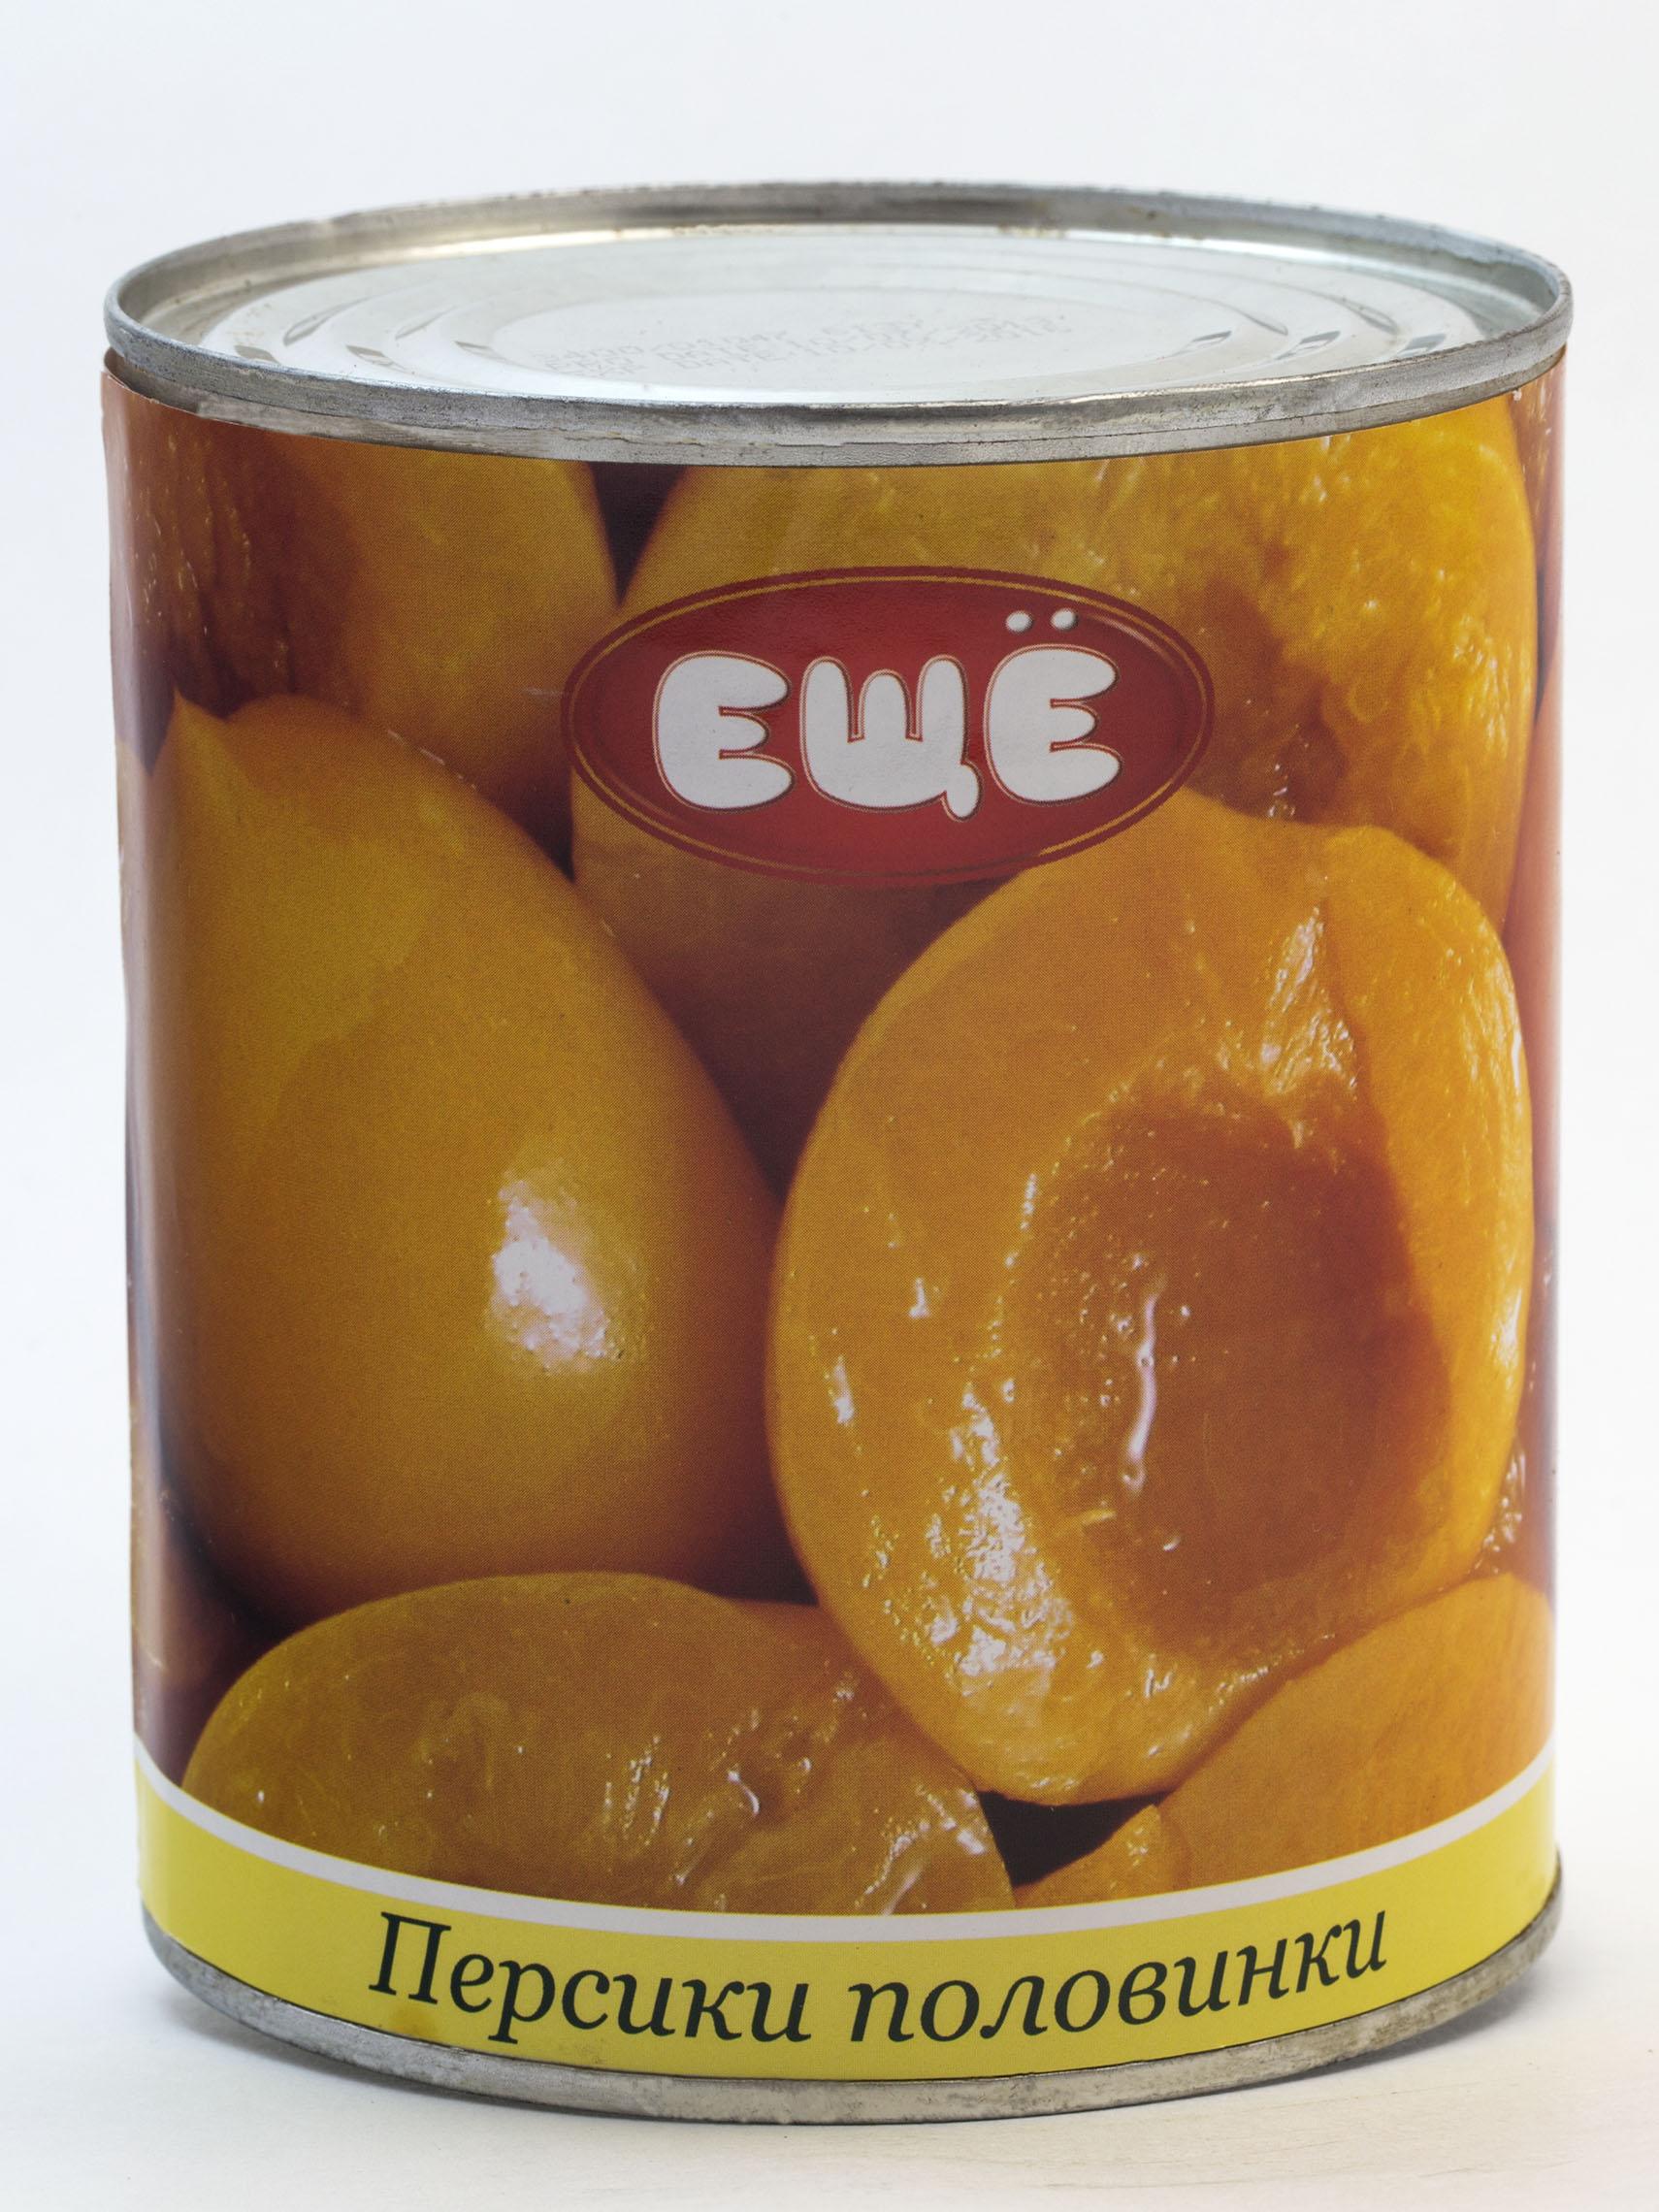 Персики половинки, ж/б, 850 мл.